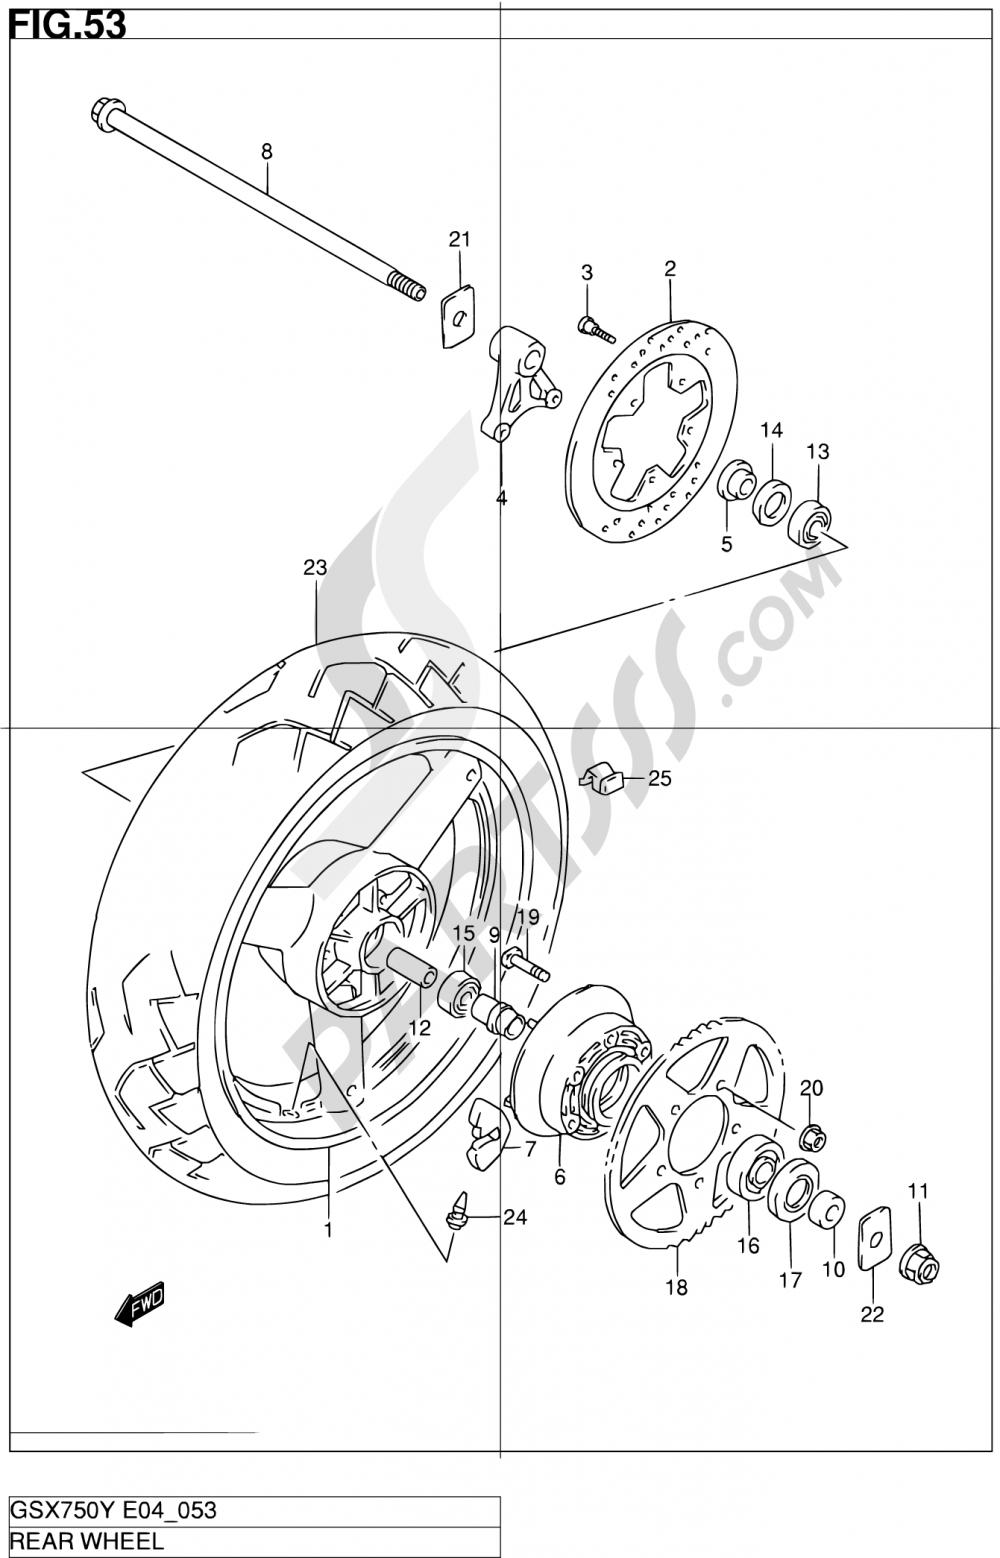 53 - REAR WHEEL Suzuki GSX750 2000